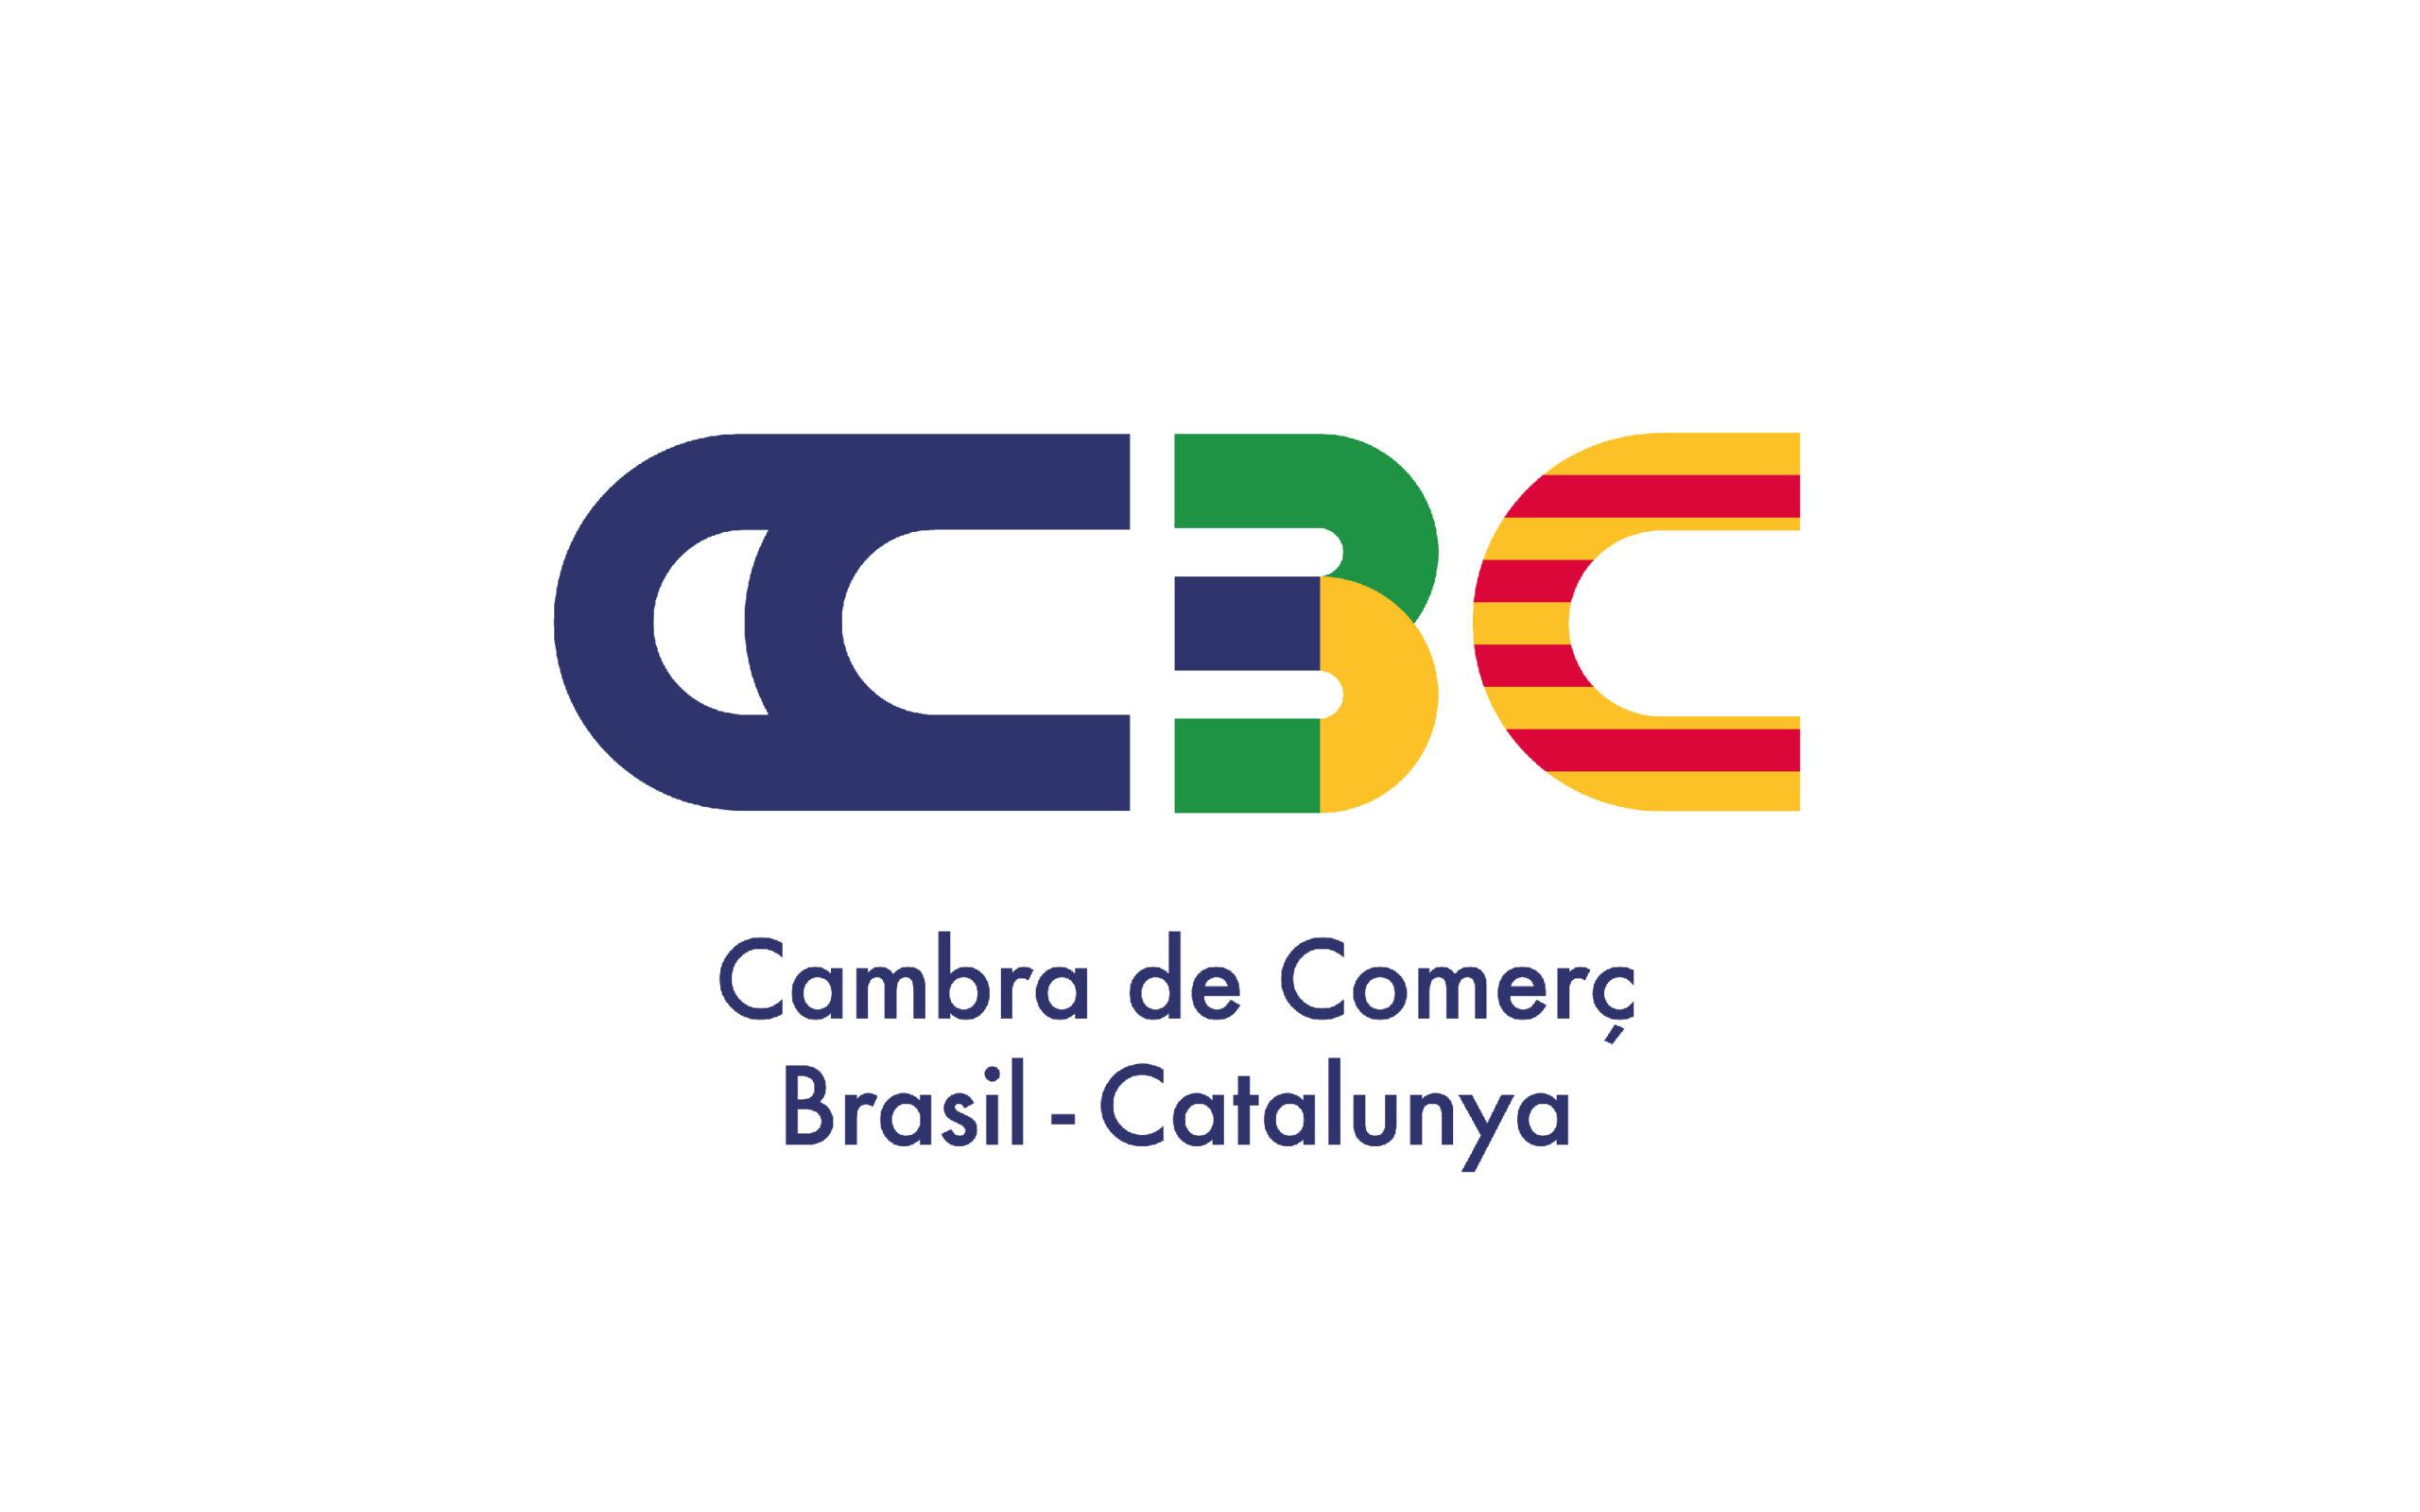 Logos_CCBE_socios-11